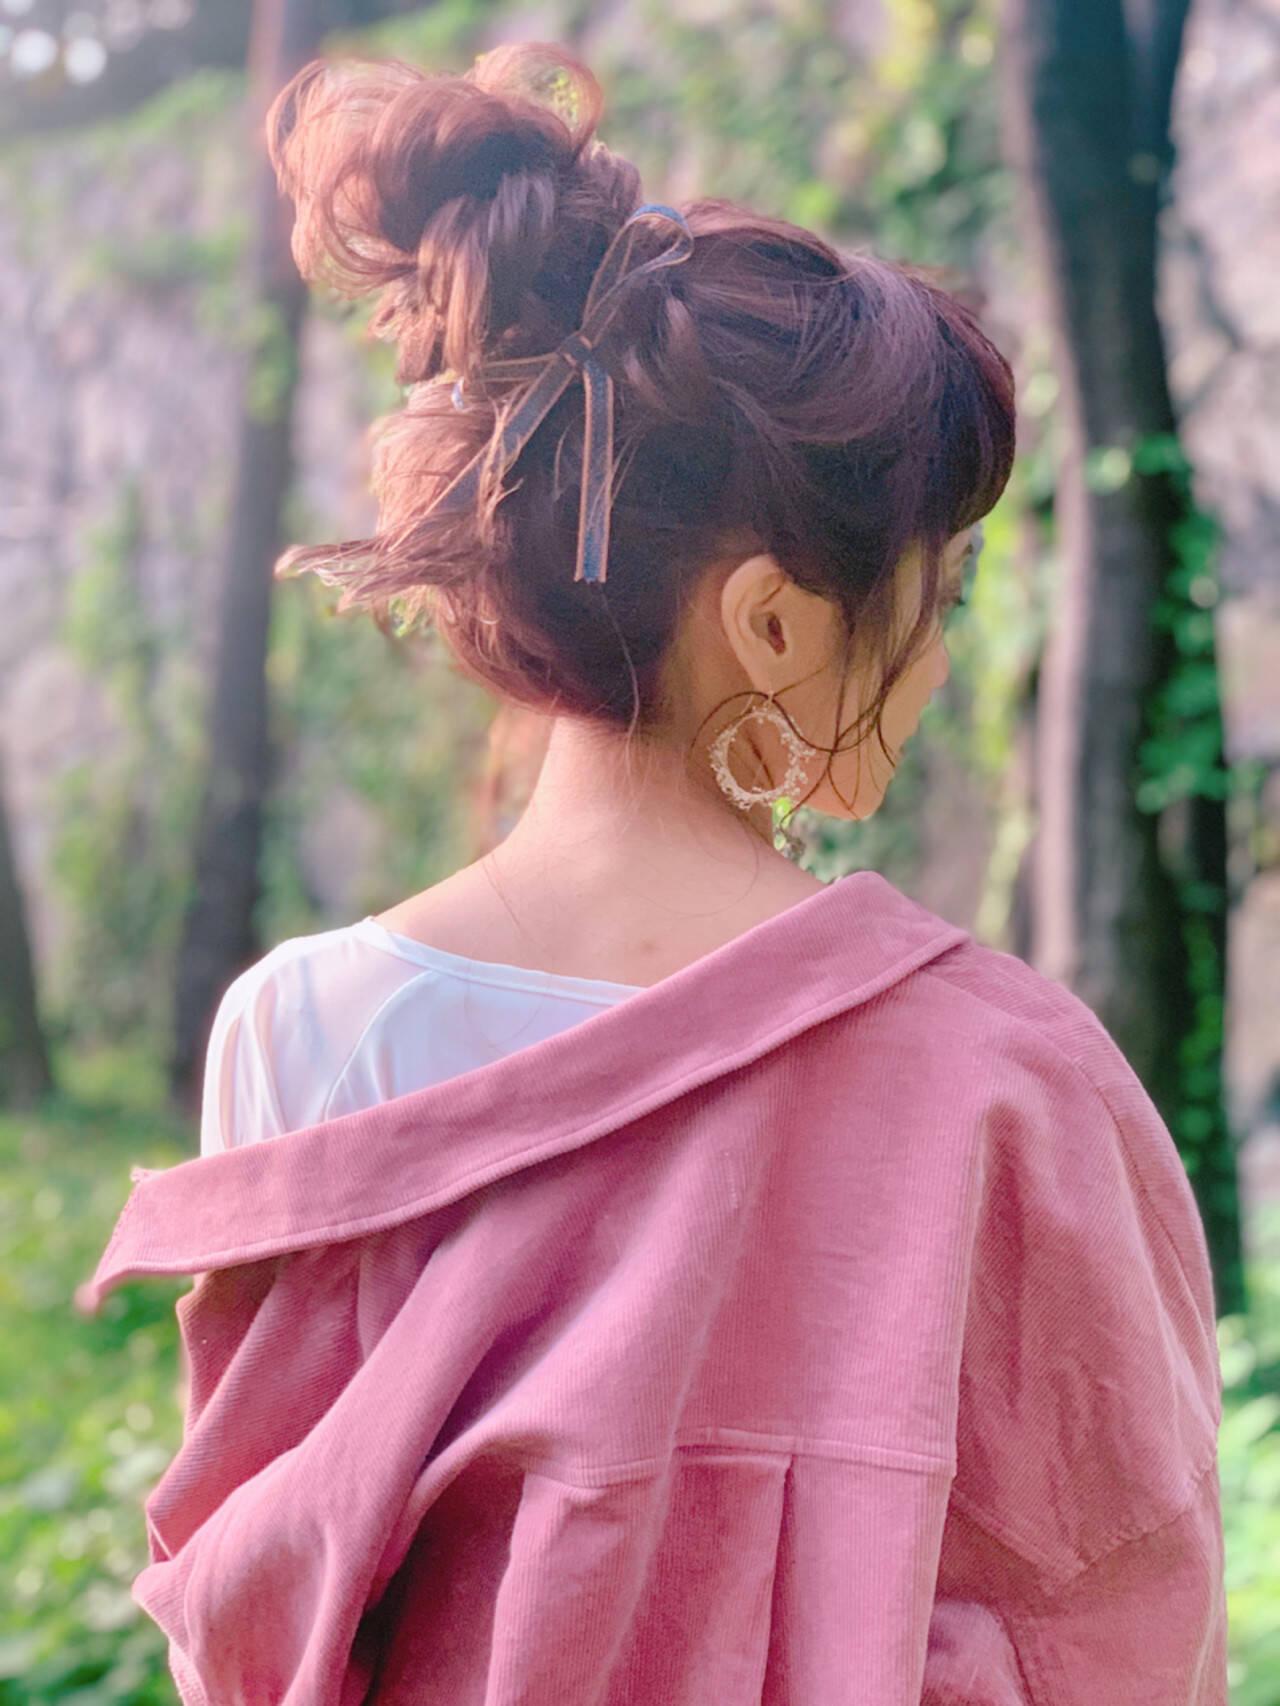 ヘアセット 結婚式ヘアアレンジ ヘアアレンジ フェミニンヘアスタイルや髪型の写真・画像